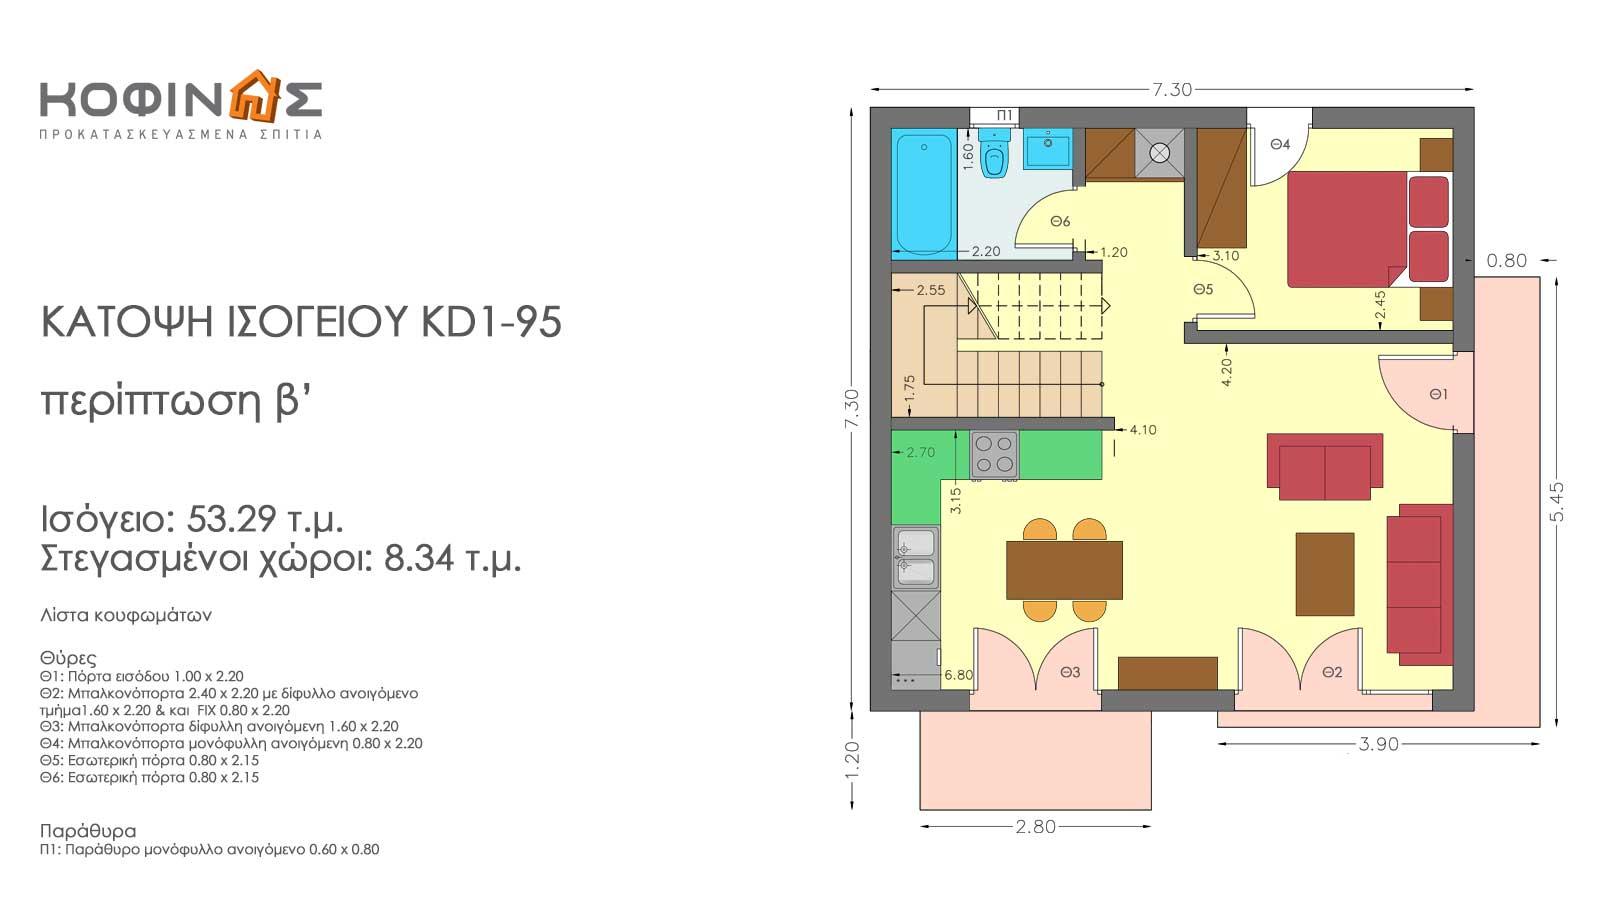 Διώροφη Κατοικία KD1-95 (95,70 τ.μ.) – Τιμή: 85.200€